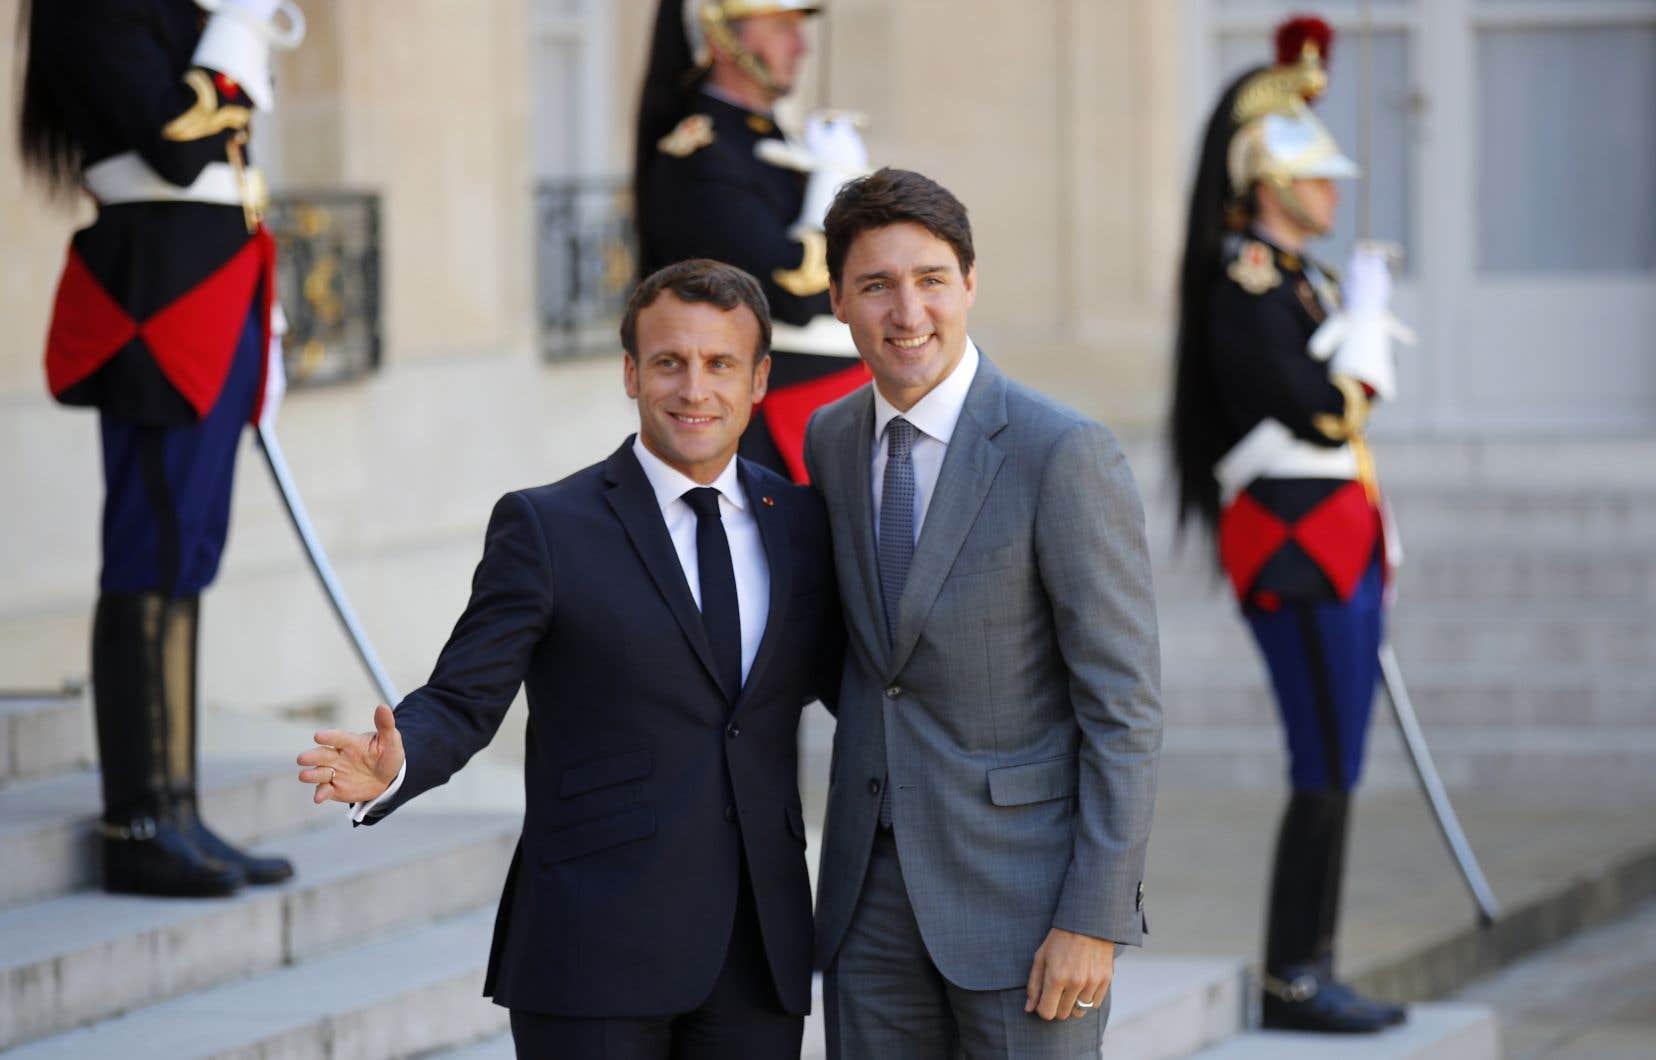 Le président Macron recevait à Paris des dirigeants du monde entier, dont le premier ministre Justin Trudeau.